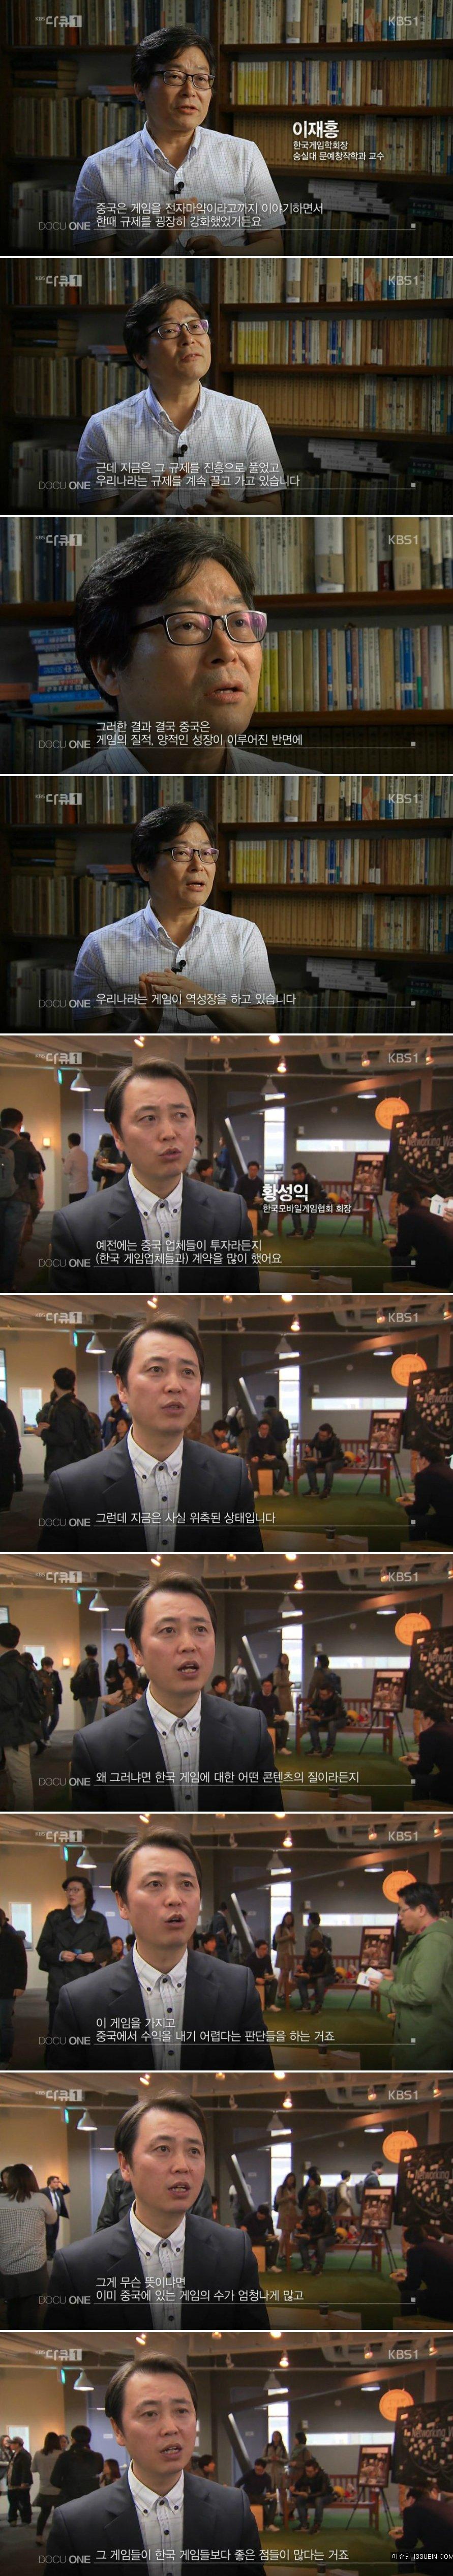 한국과_중국의_게임_산업.jpg 한국과 중국의 게임 산업